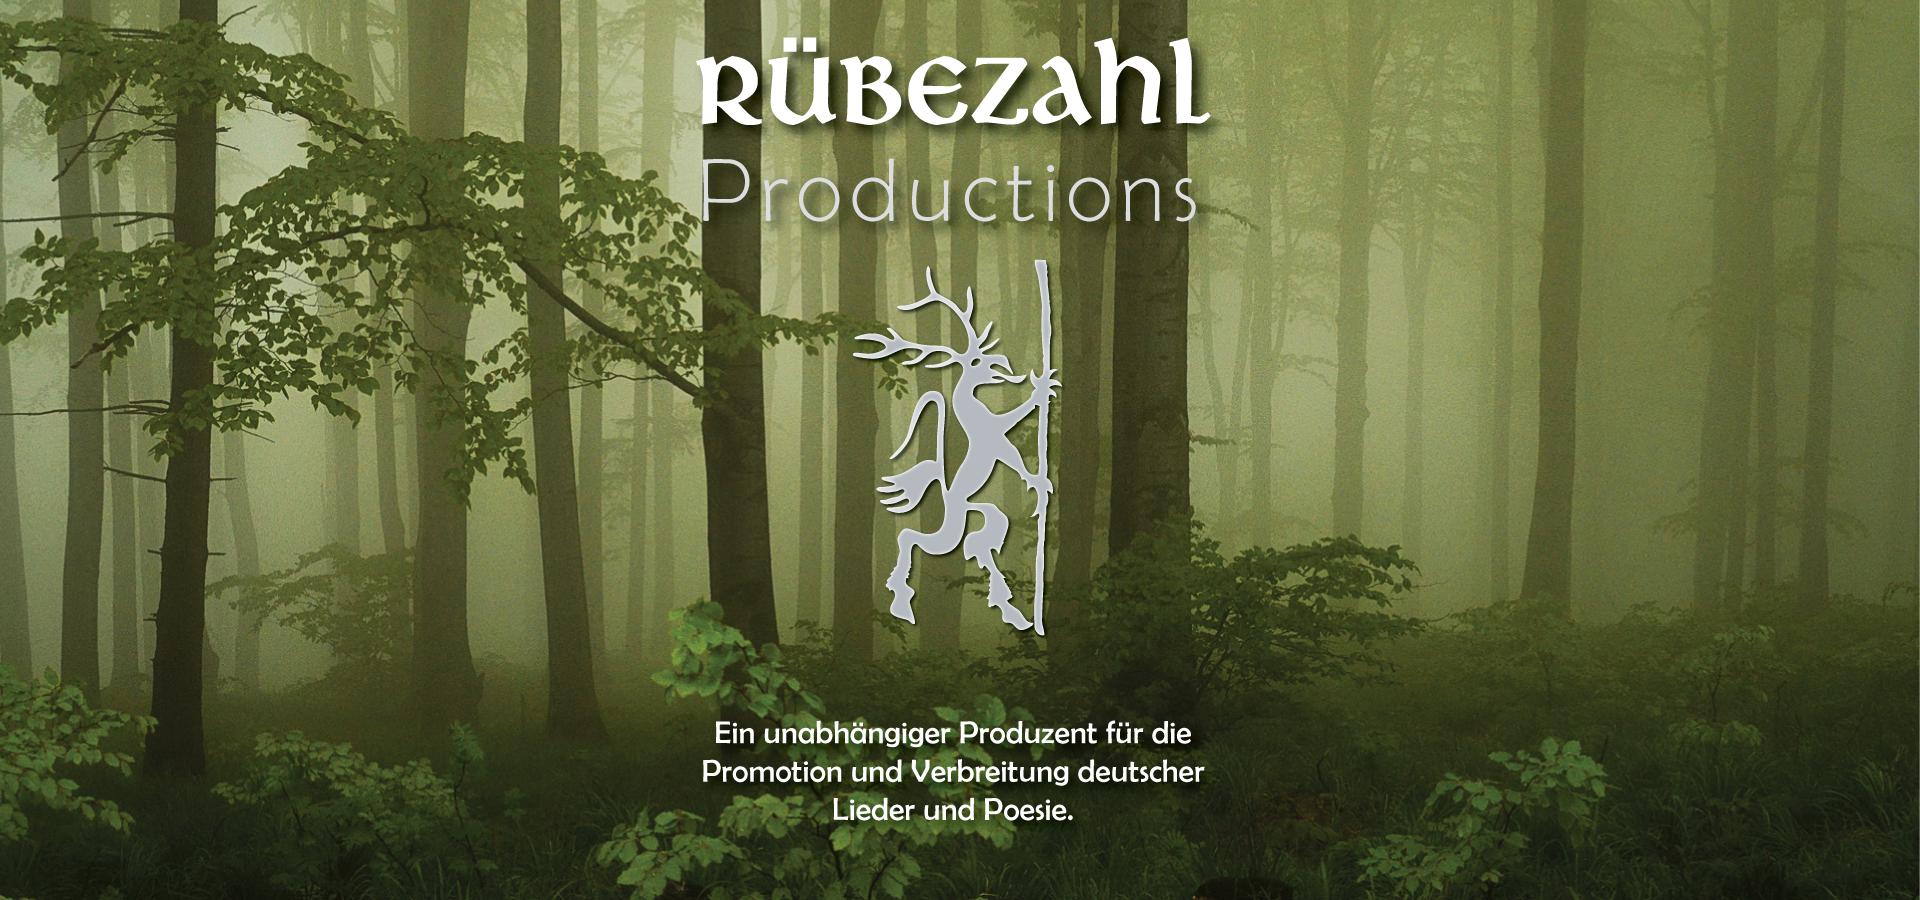 Rübezahl-Productions_Landing-page-slider_01